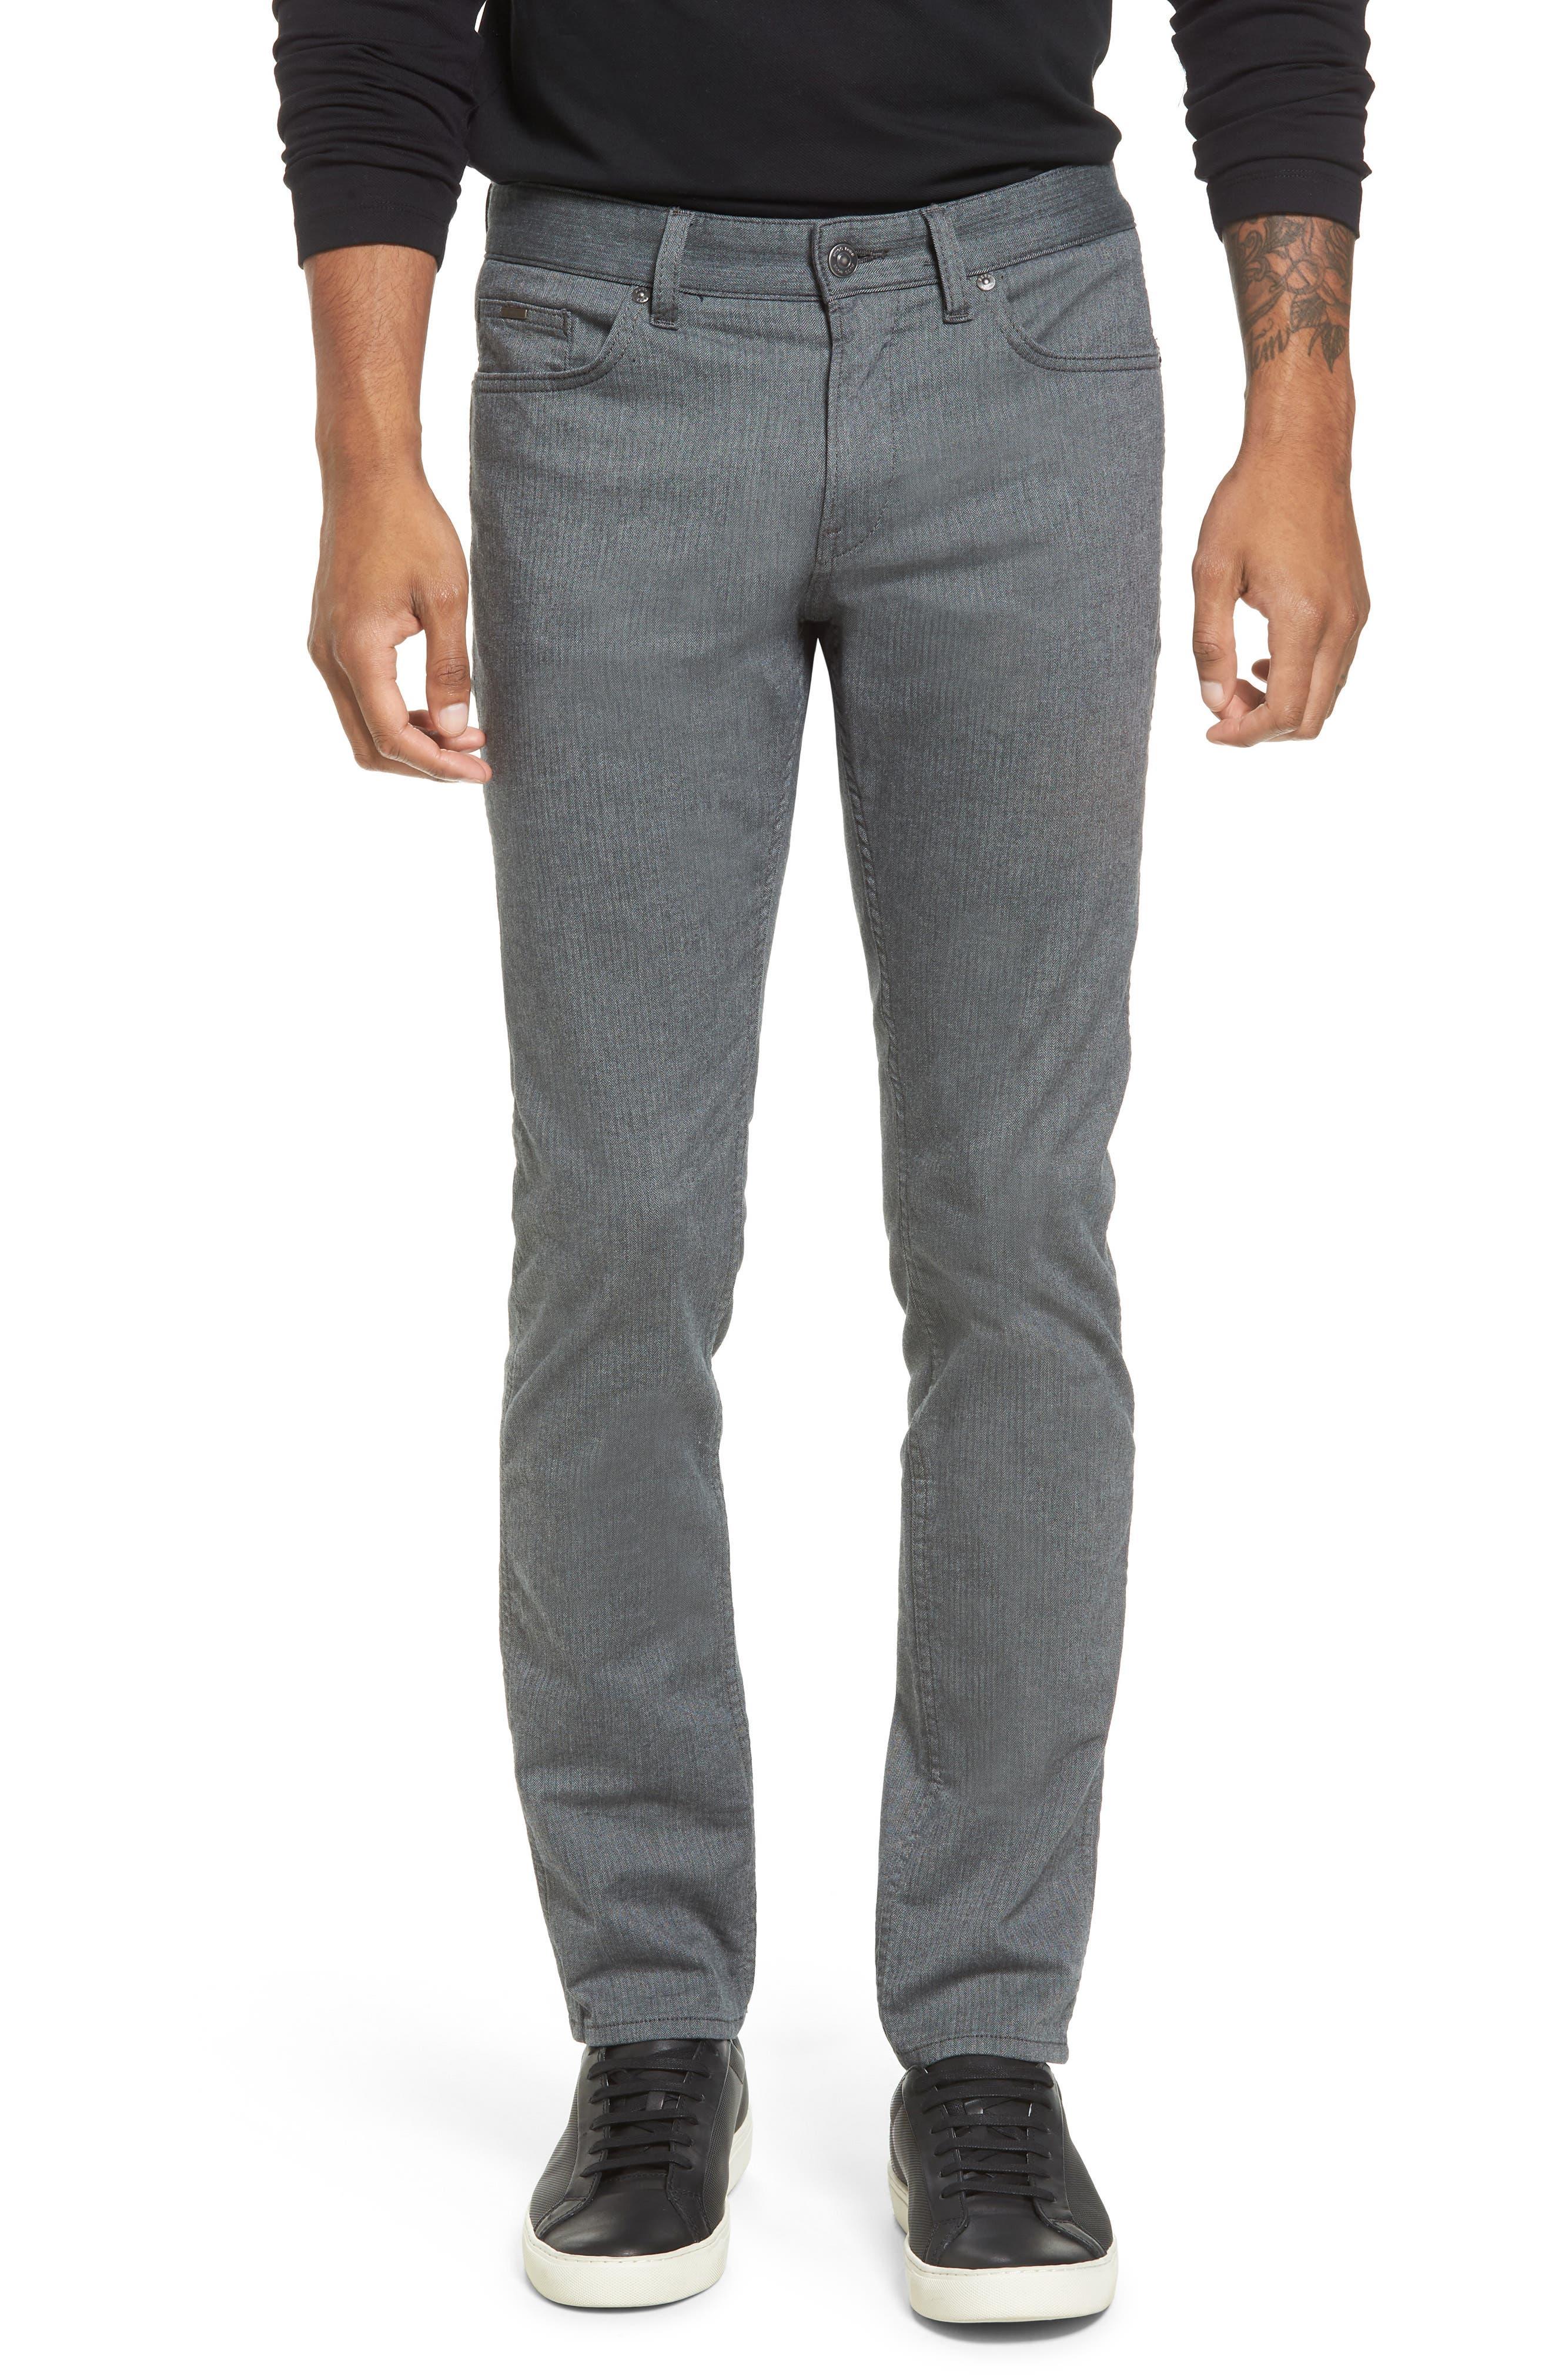 Delaware Slim Herringbone Five-Pocket Pants,                             Main thumbnail 1, color,                             Charcoal